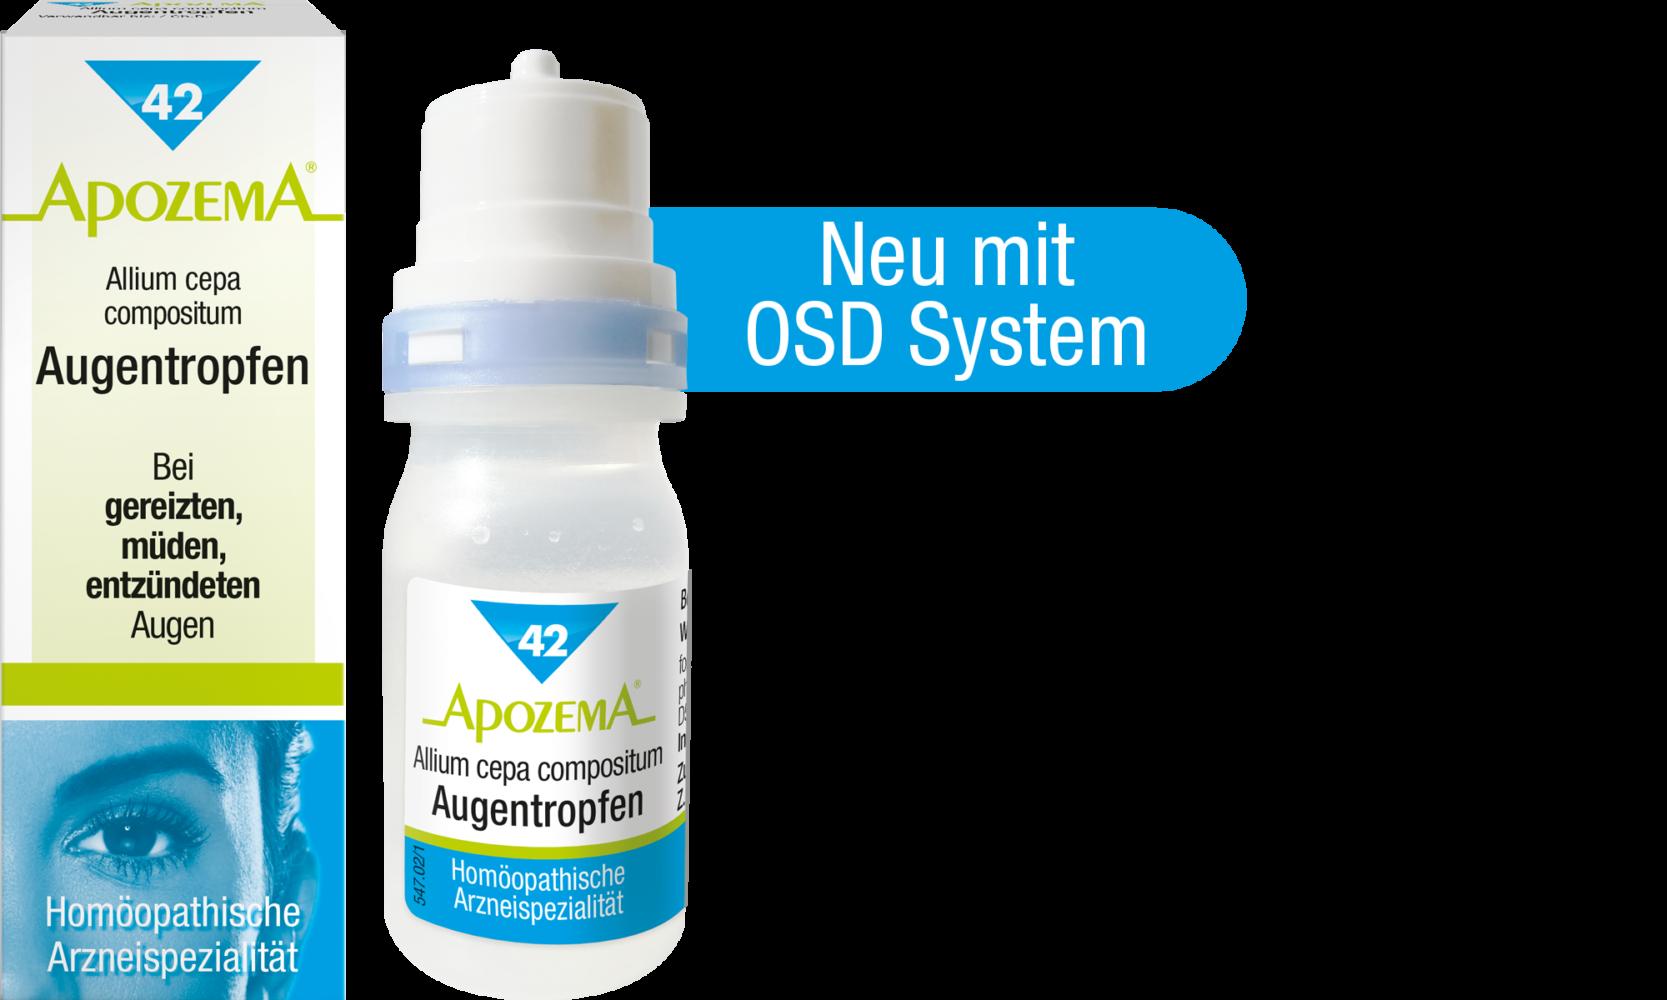 Apozema® Nr. 42 Allium cepa compositum Augentropfen, Homöopathische Arzneispezialität